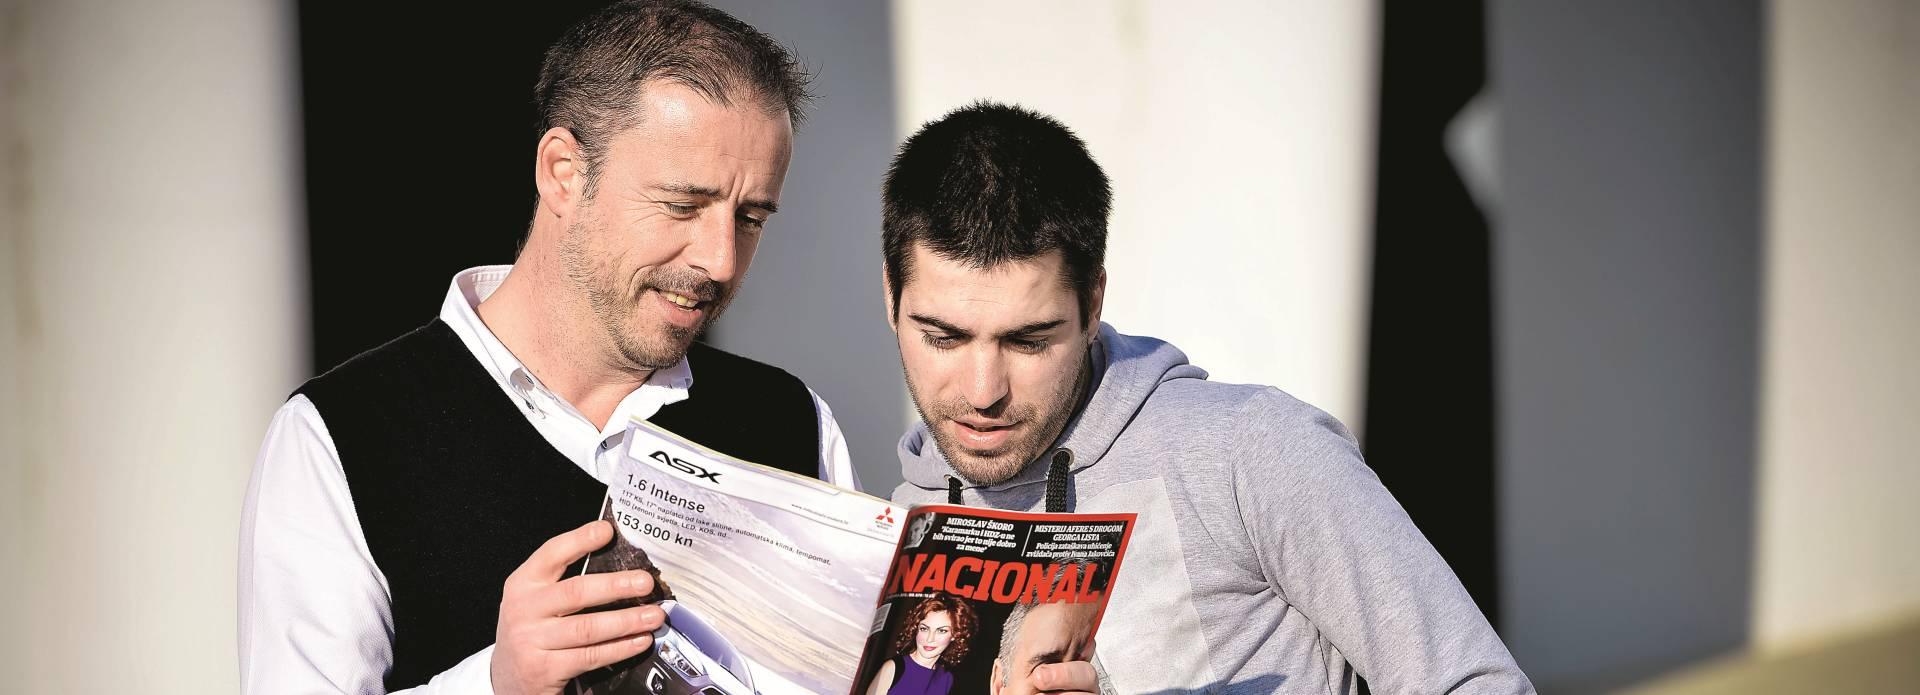 PRIPREME ZA OSVAJANJE PRVENSTVA I KUPA Nacional u pohodu na završnicu futsal Lige prvaka